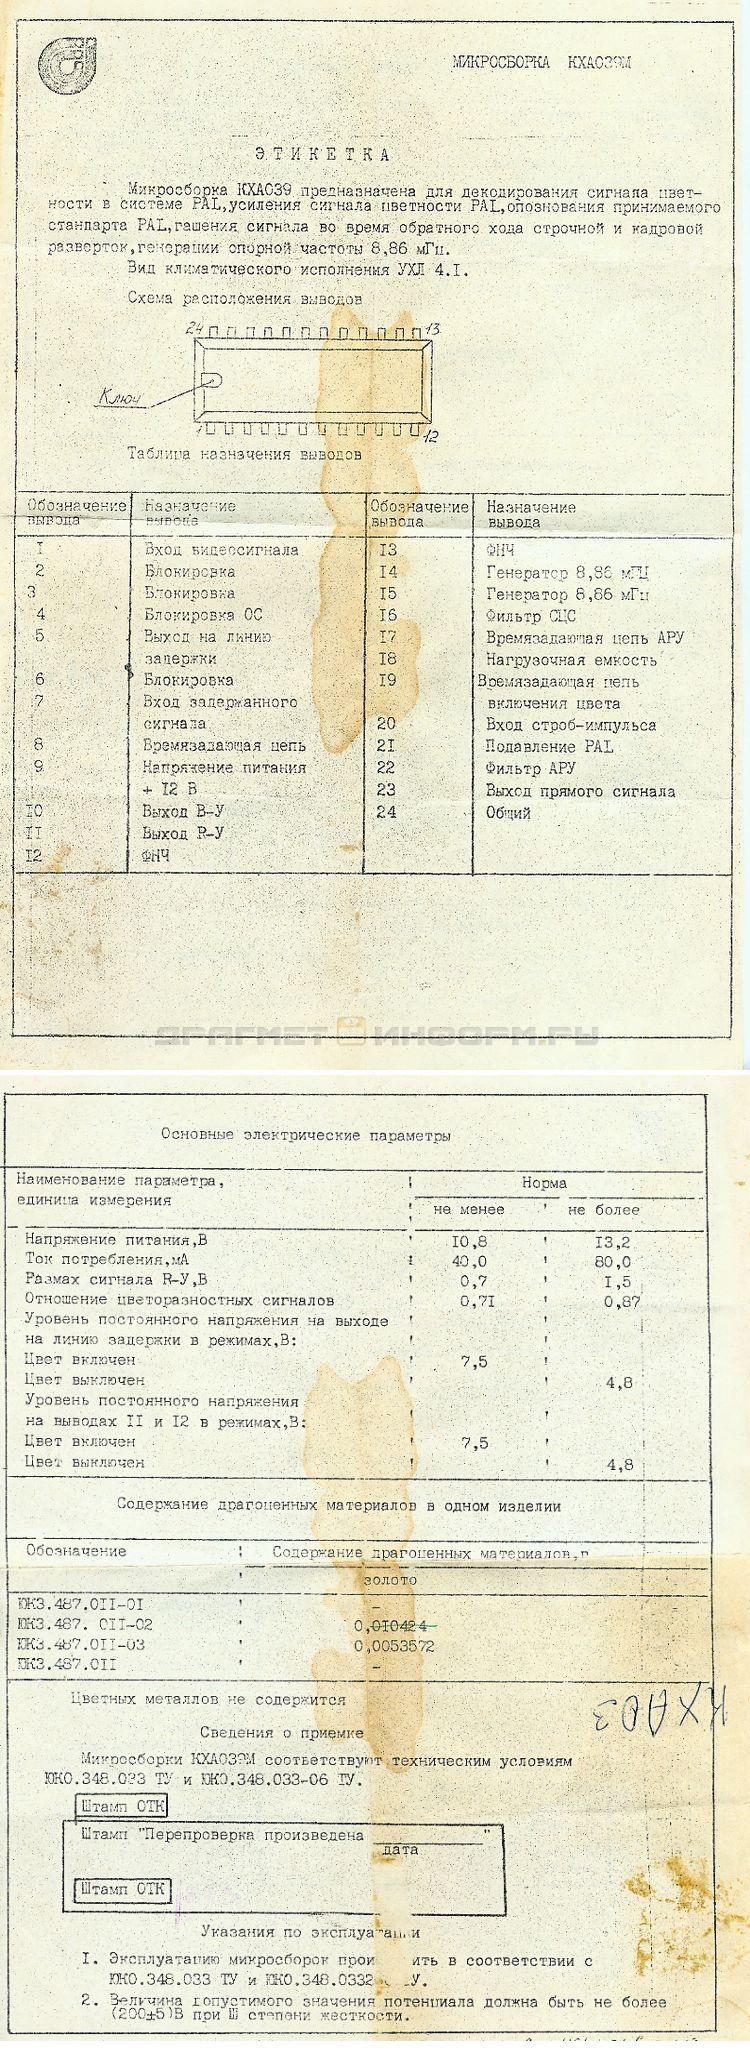 Формуляр КХА039М